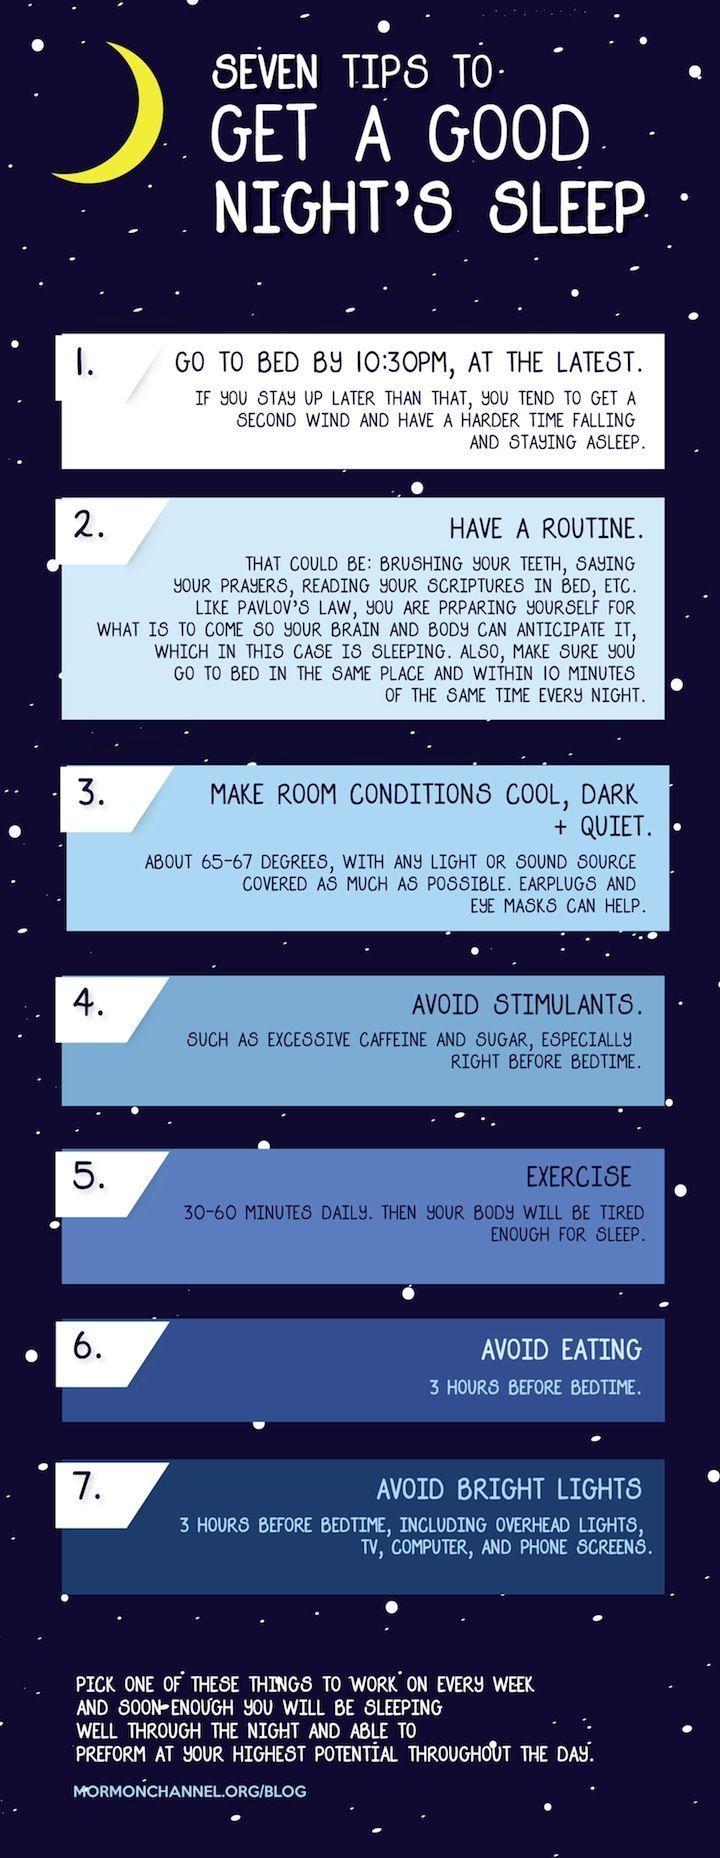 7 tips to get a good nights sleep. #vitamins #tagforlikes #followback #vitaminA